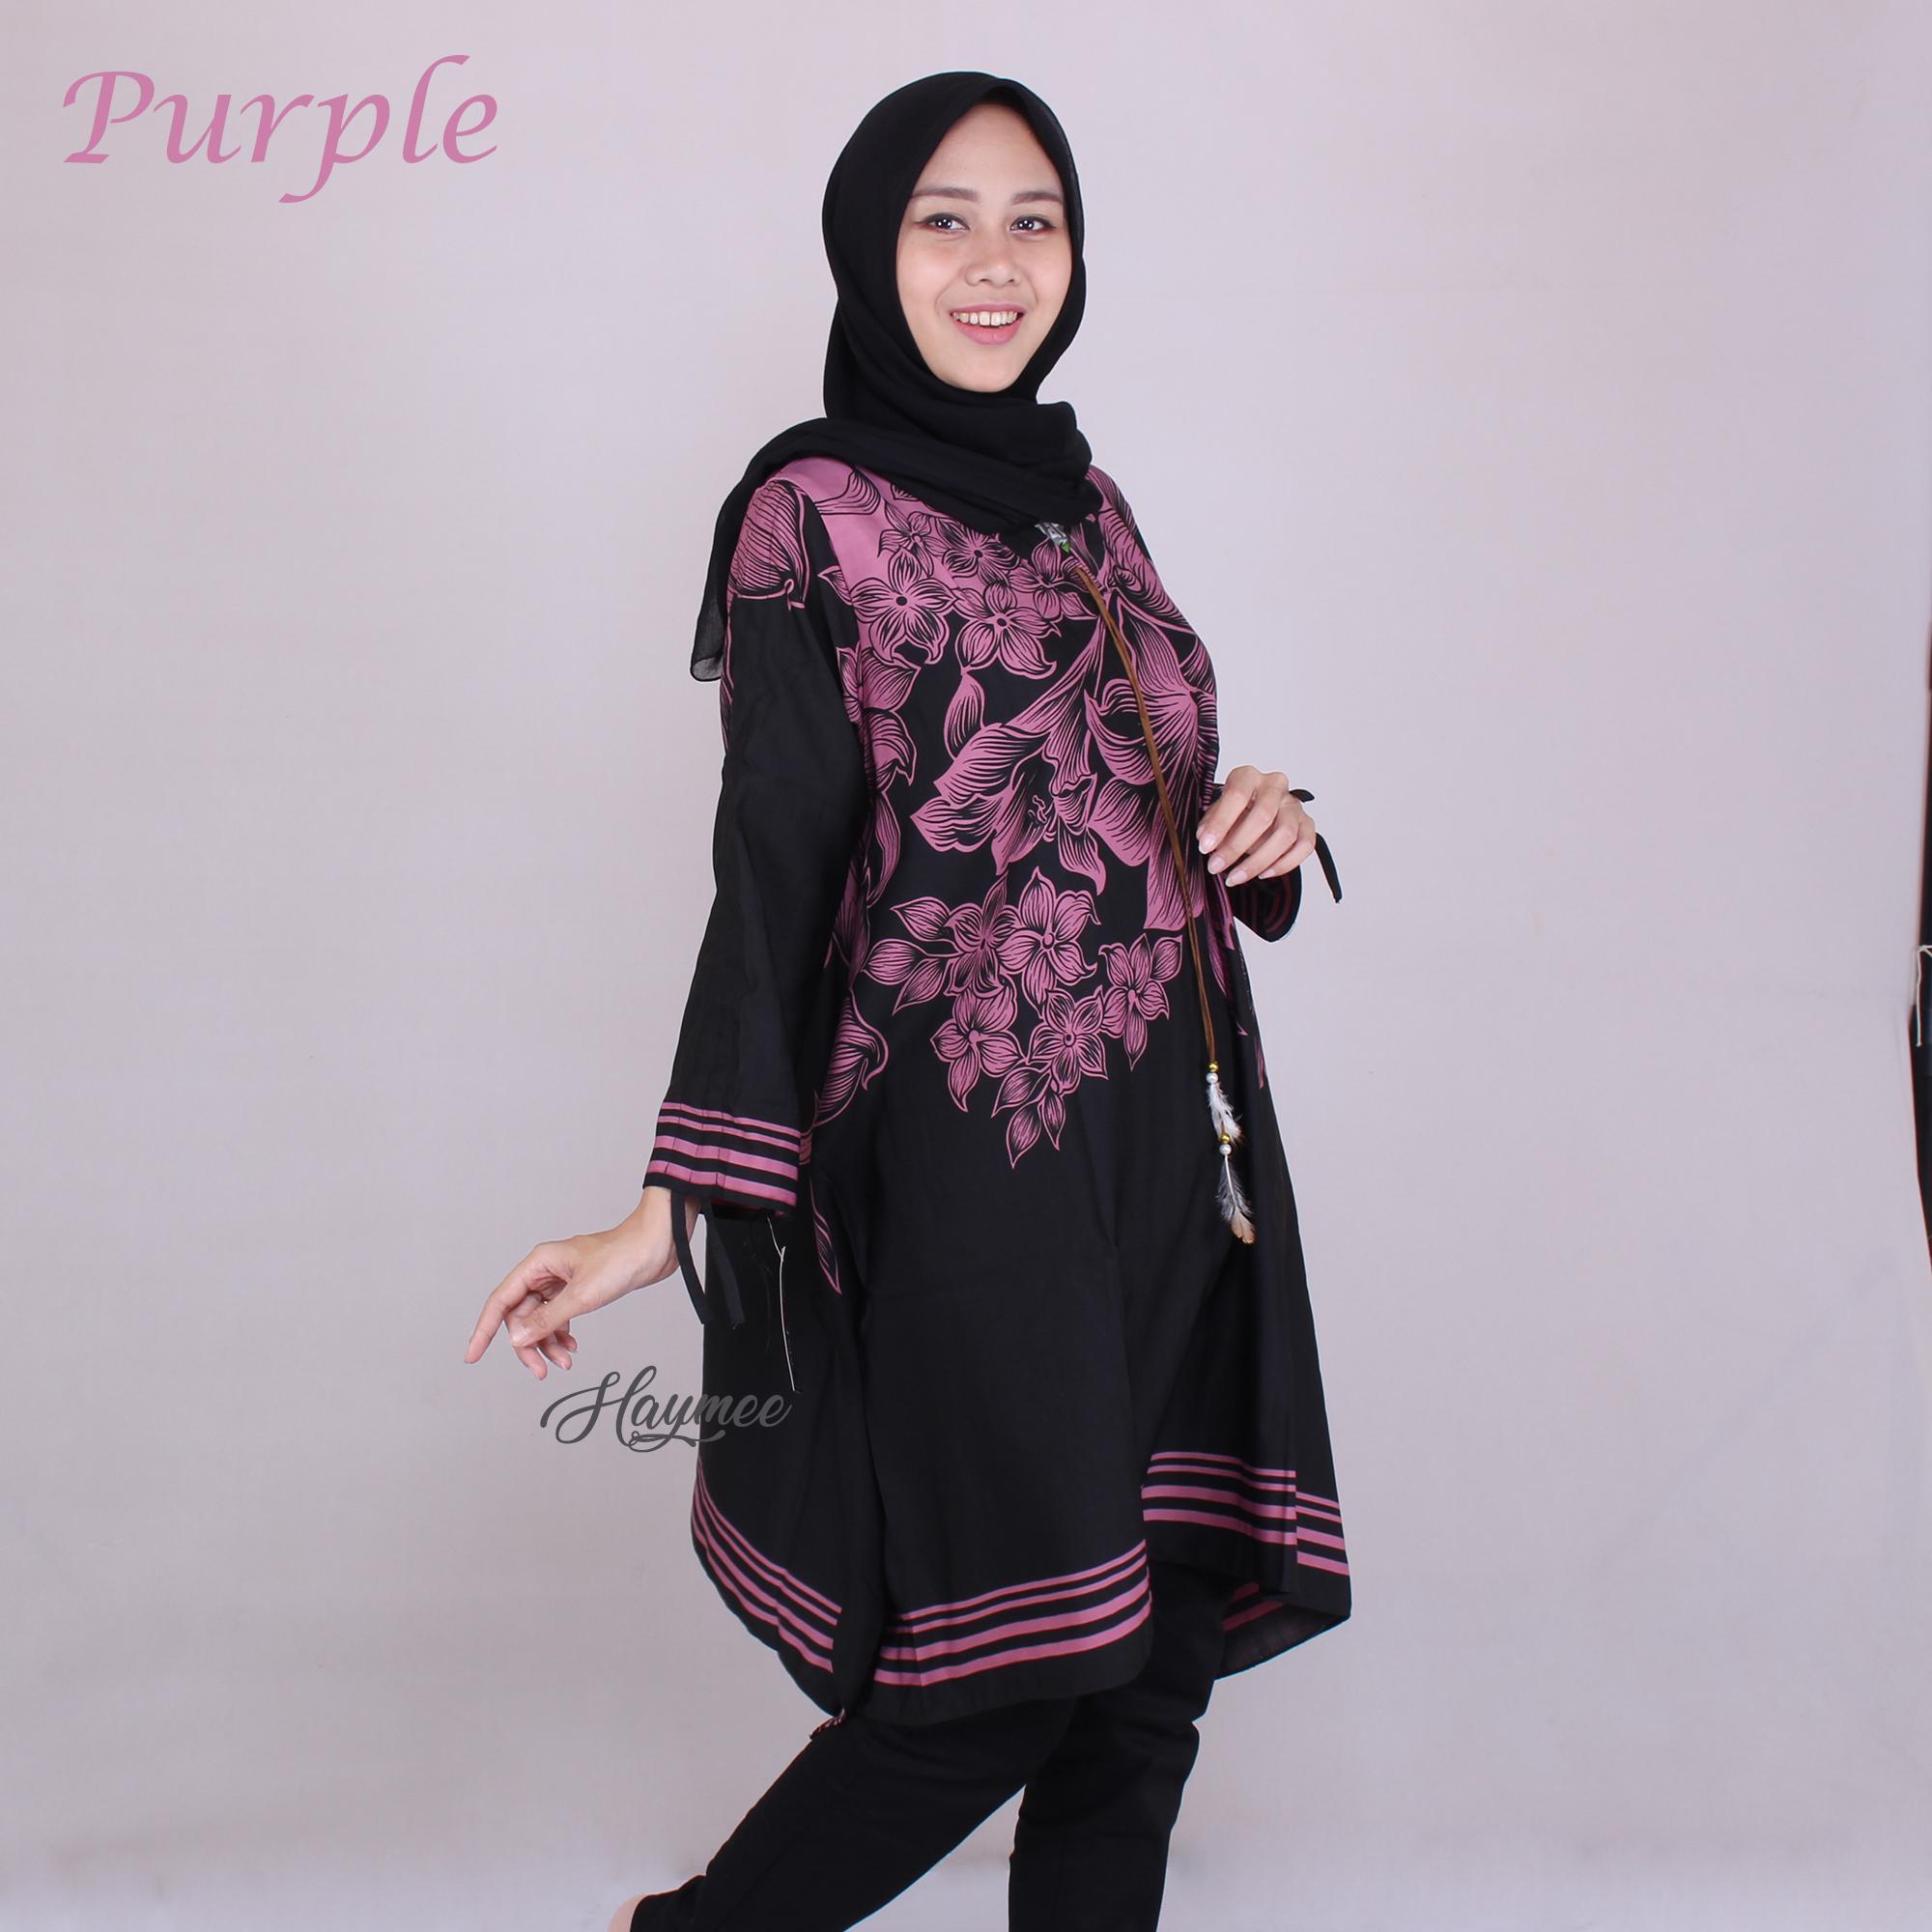 HaymeeStore Flowers Tunik Wanita Blouse Tunik Flower Cewek Atasan Muslimah Wanita Motif Bunga Printing Baju Jumbo